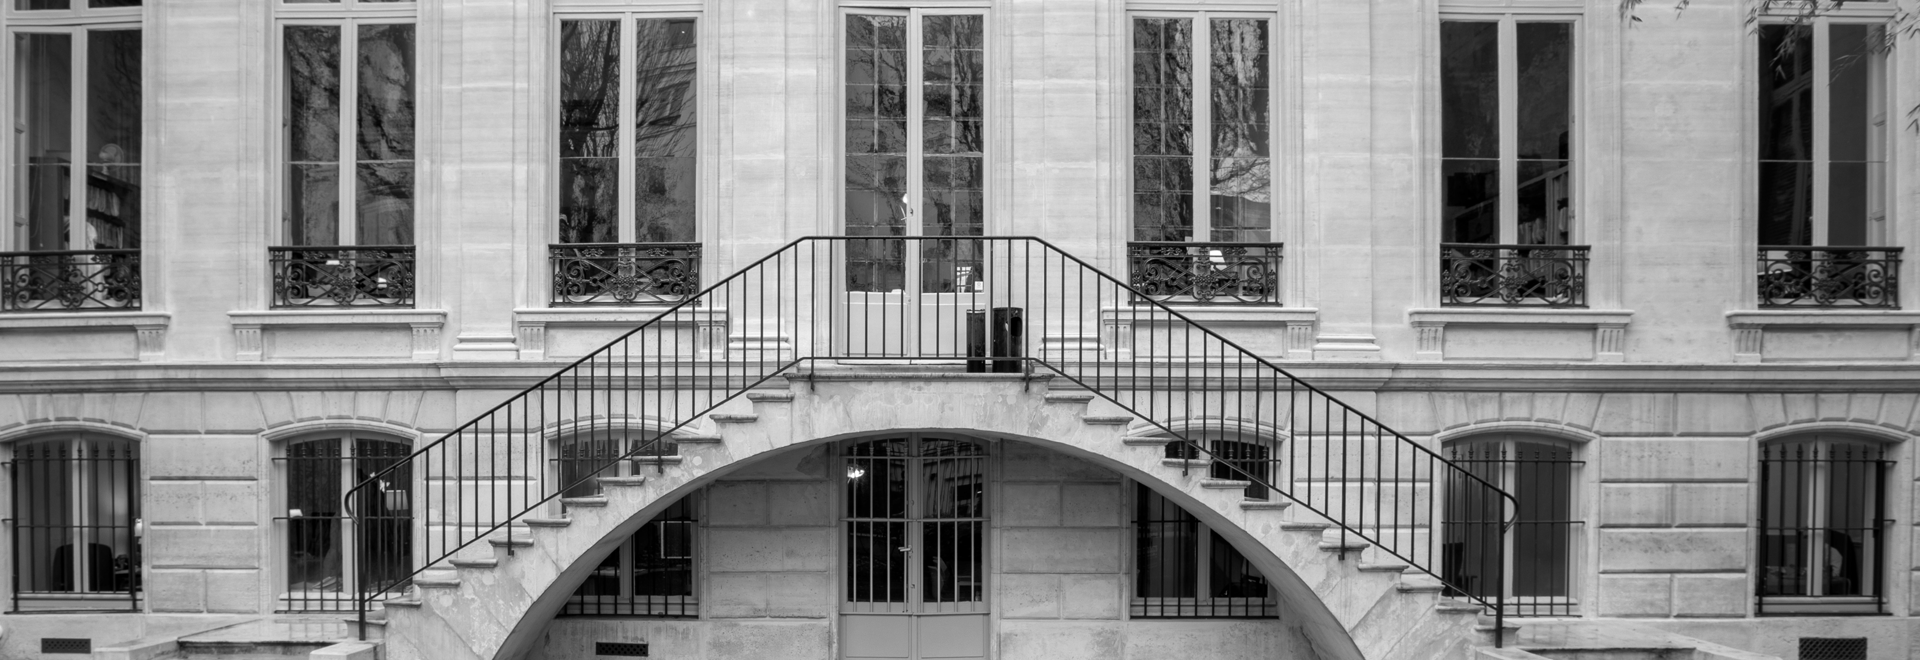 aiac-courtage-entreprises_nb